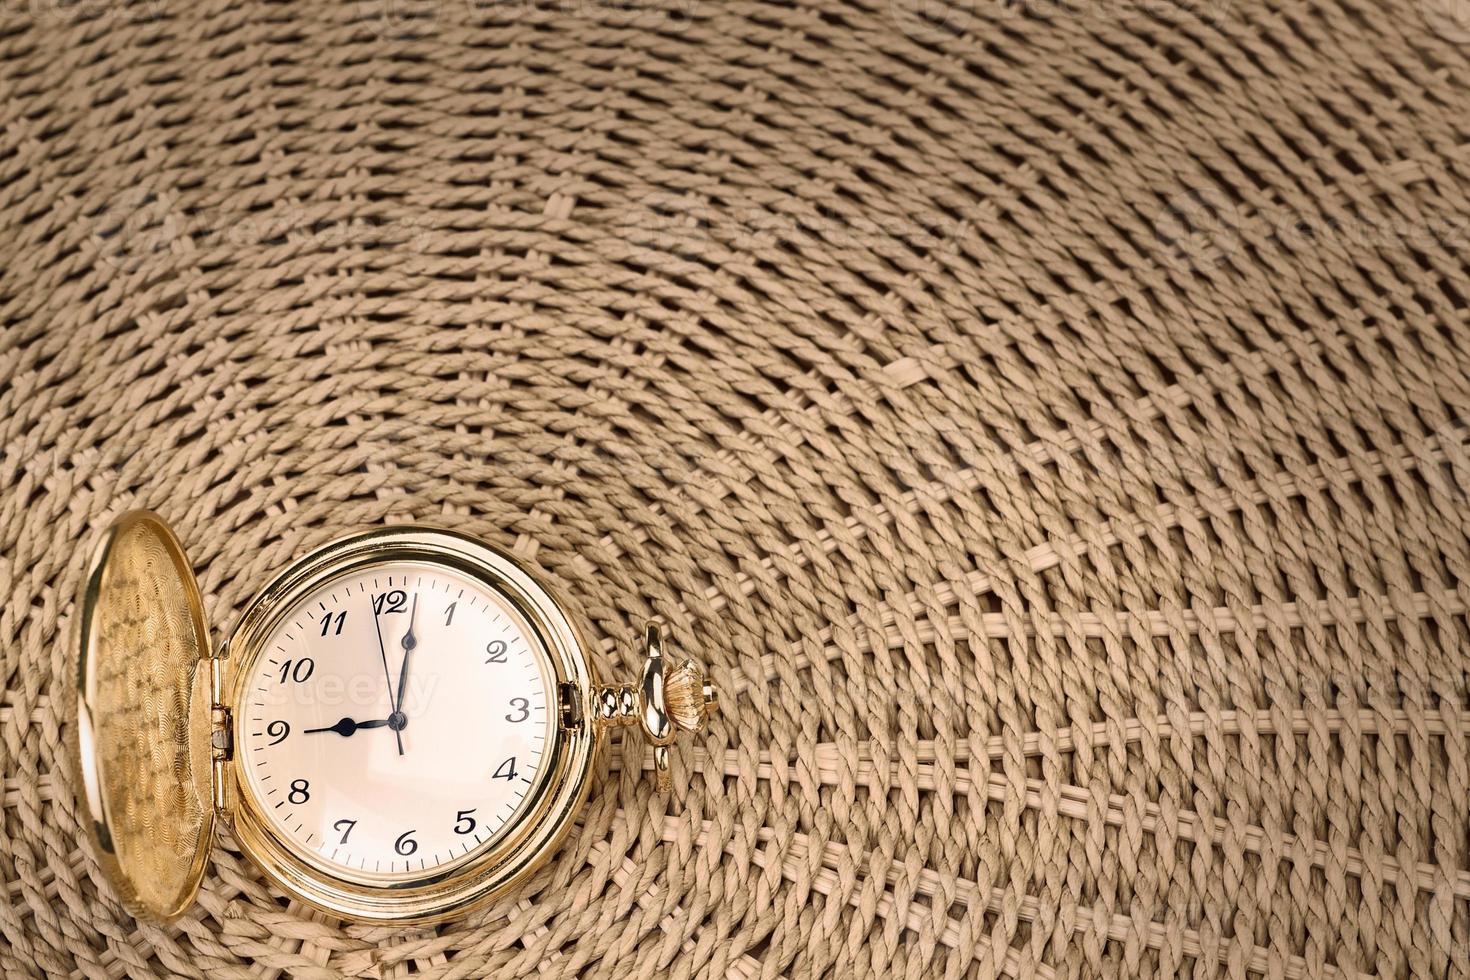 antike Taschenuhr auf einem strukturierten gewebten Strohhalm. Nahansicht. foto